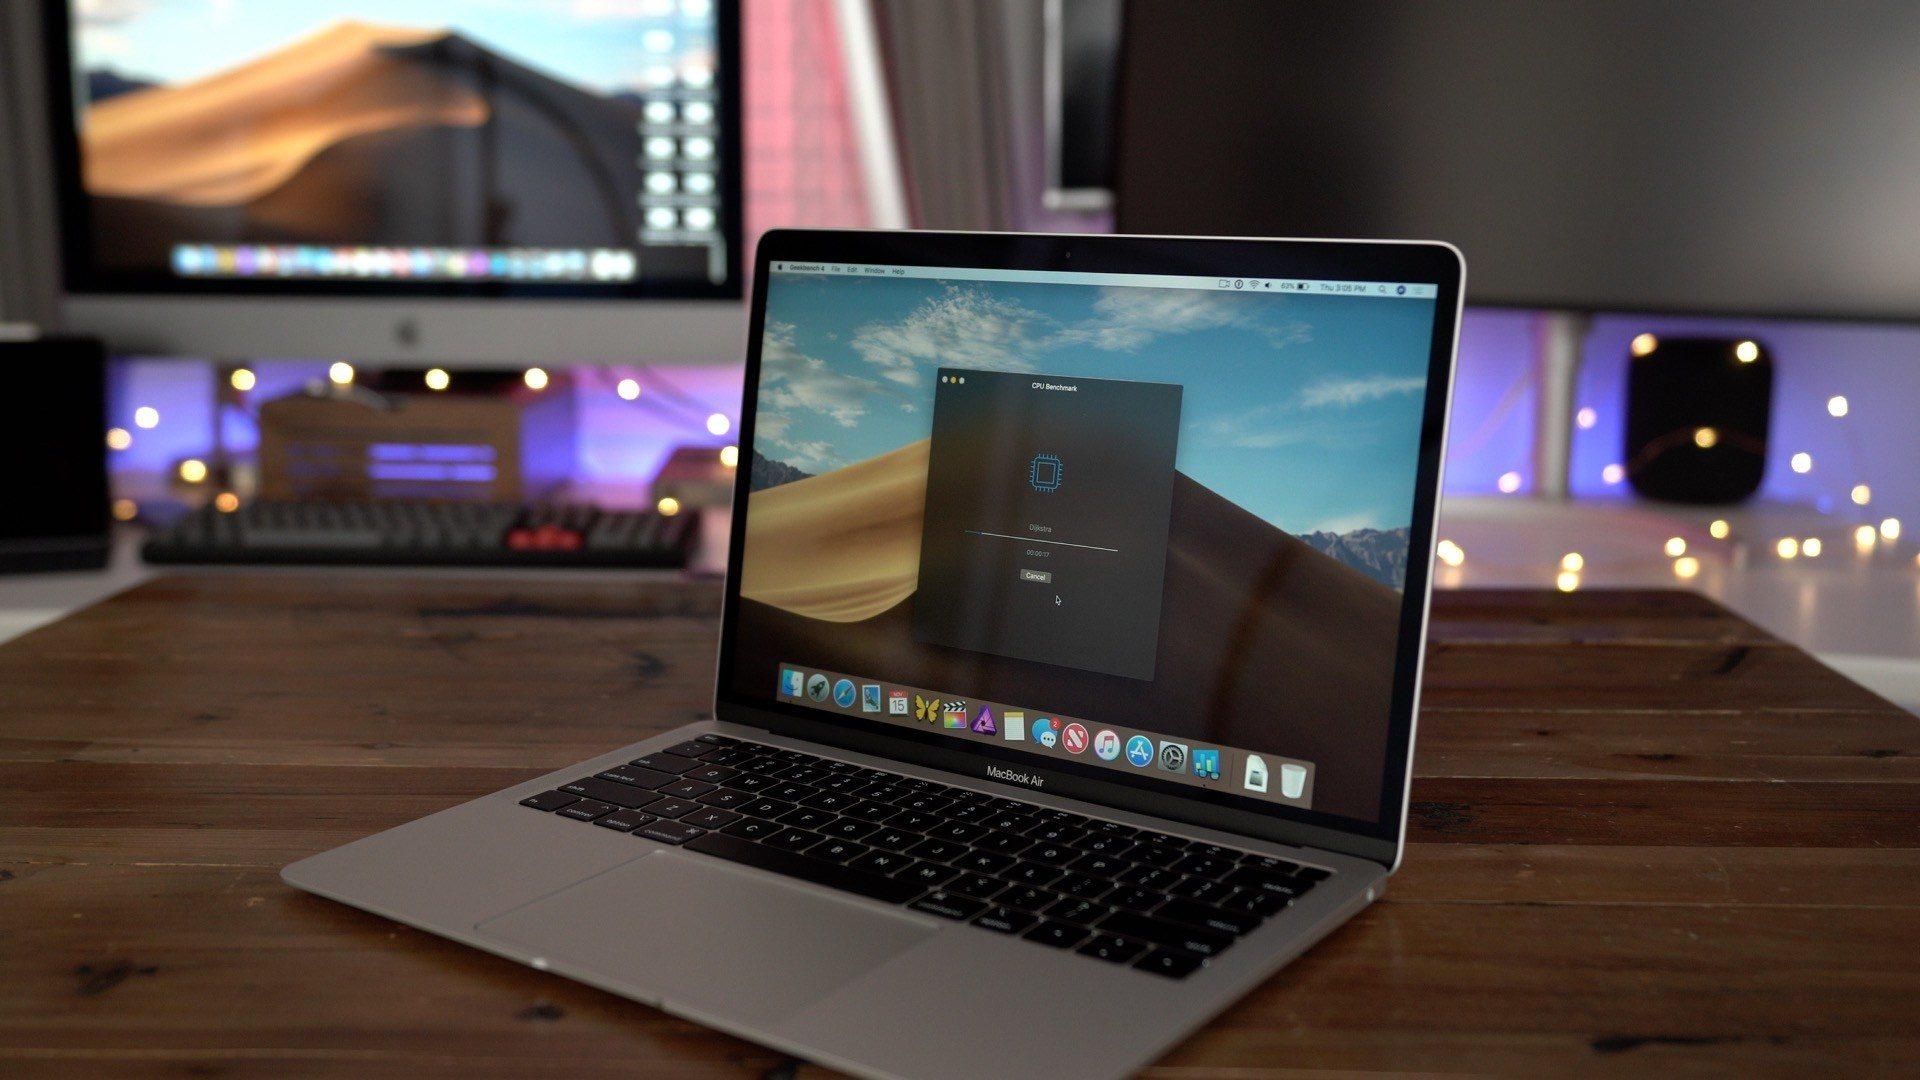 科技早报 | 美国或解除对华为部分限制 苹果证实MacBook Air逻辑板存在问题